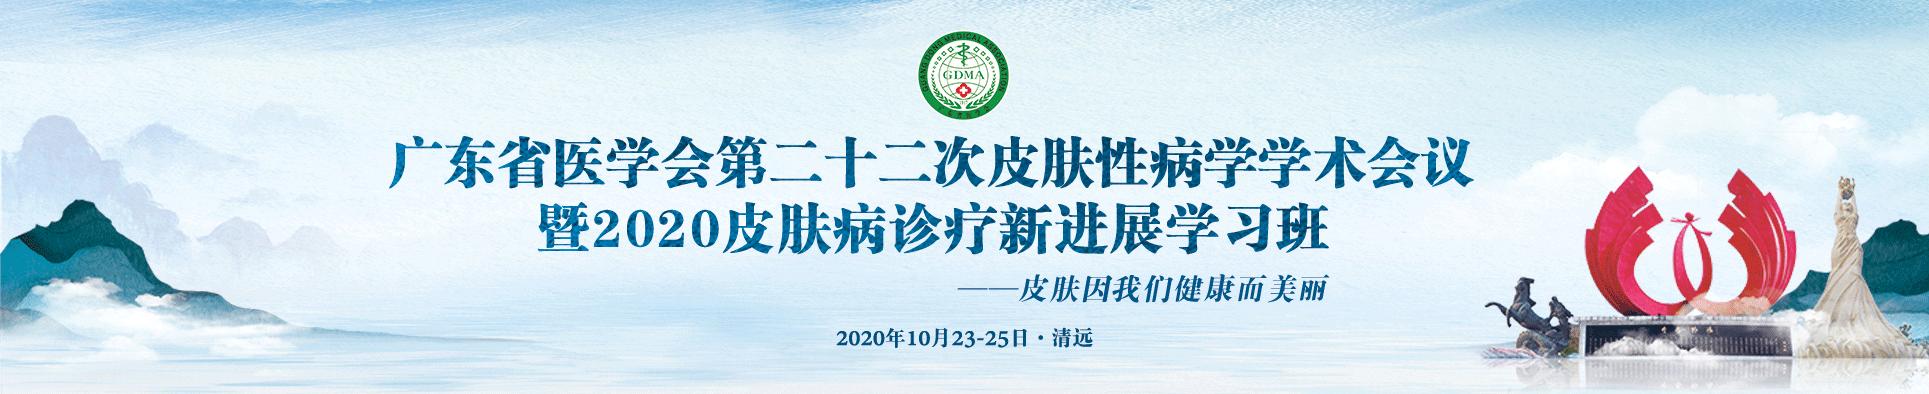 广东省医学会第二十二次皮肤性病学学术会议暨2020皮肤病诊疗新进展学习班